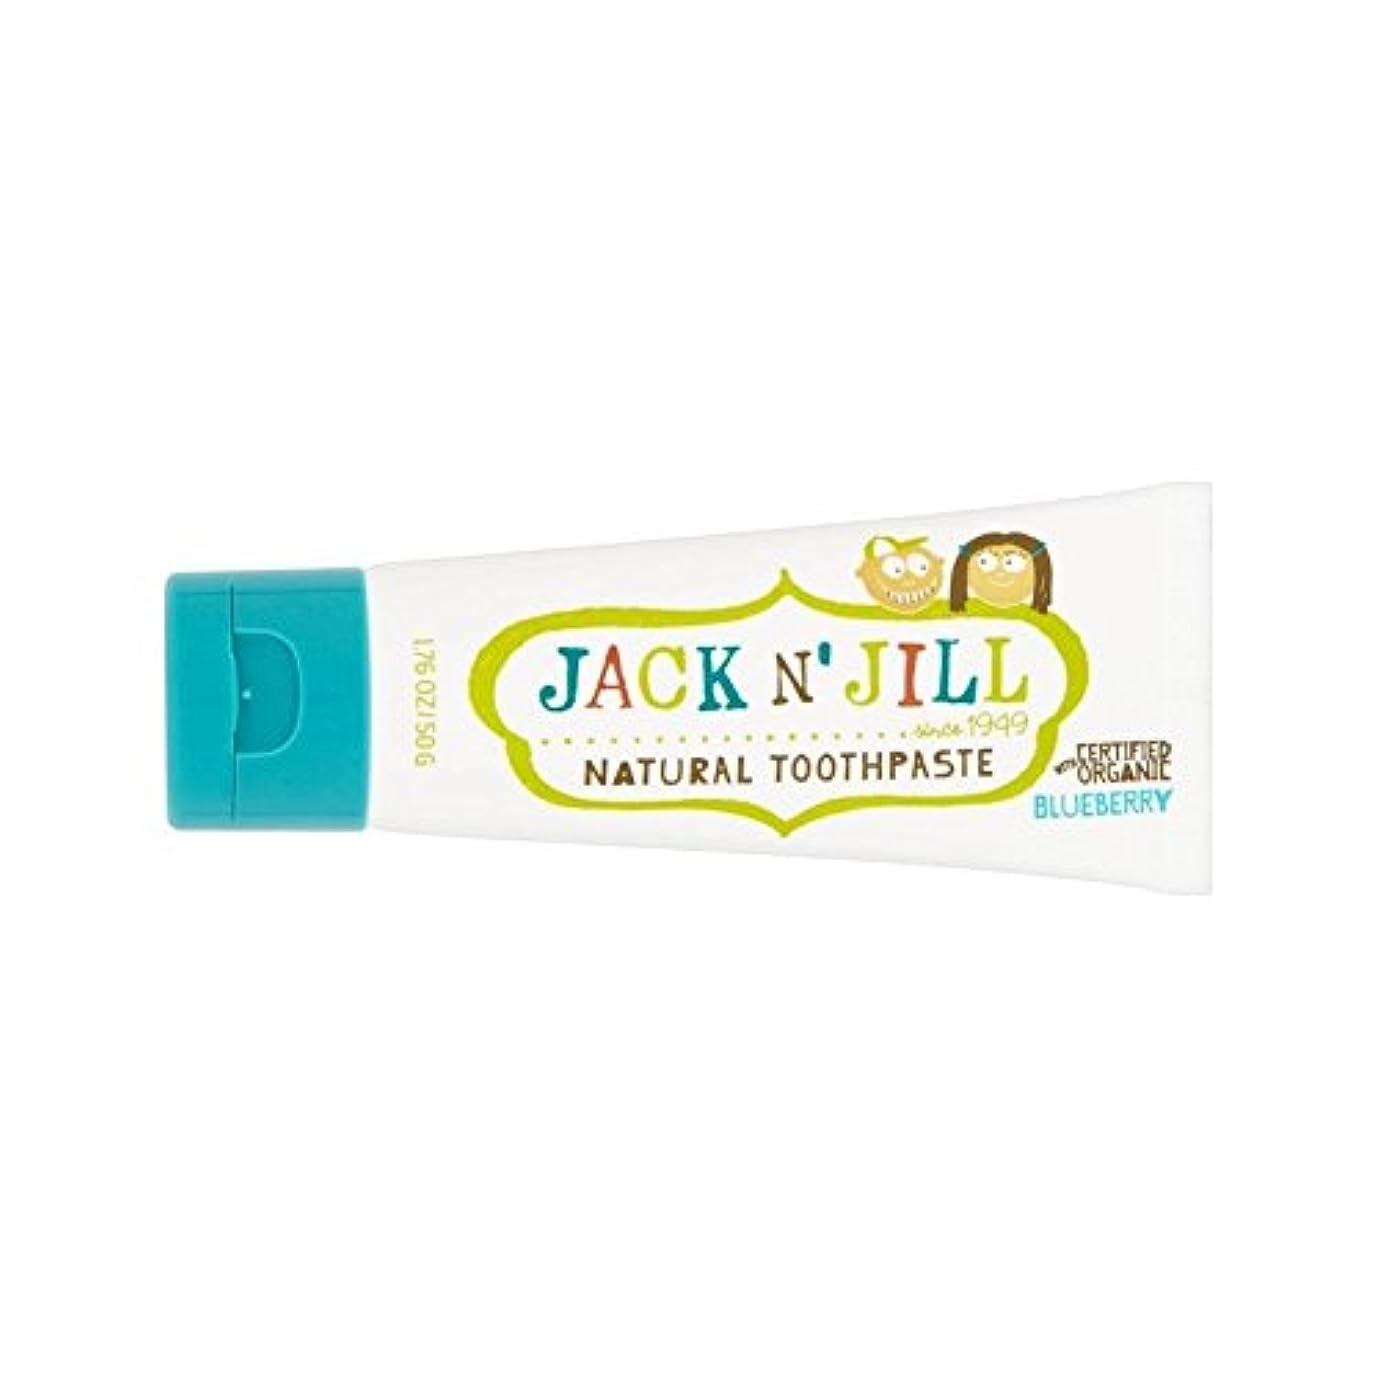 誓い談話弾丸有機香味50グラムとの自然なブルーベリー歯磨き粉 (Jack N Jill) (x 2) - Jack N' Jill Blueberry Toothpaste Natural with Organic Flavouring...